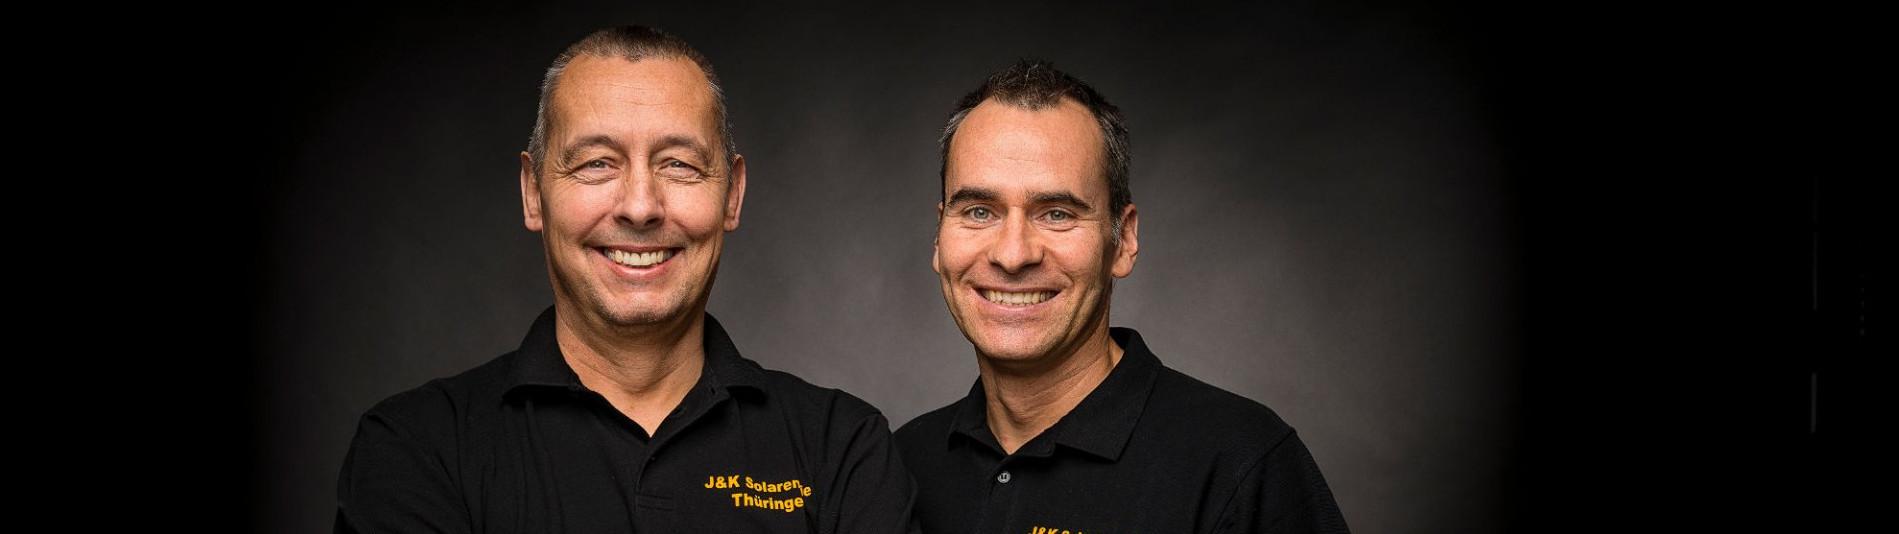 Firma J&K Solarenergie Thüringen verspricht Kundenzufriedenheit mit dem Heimspeicher sonnenBatterie